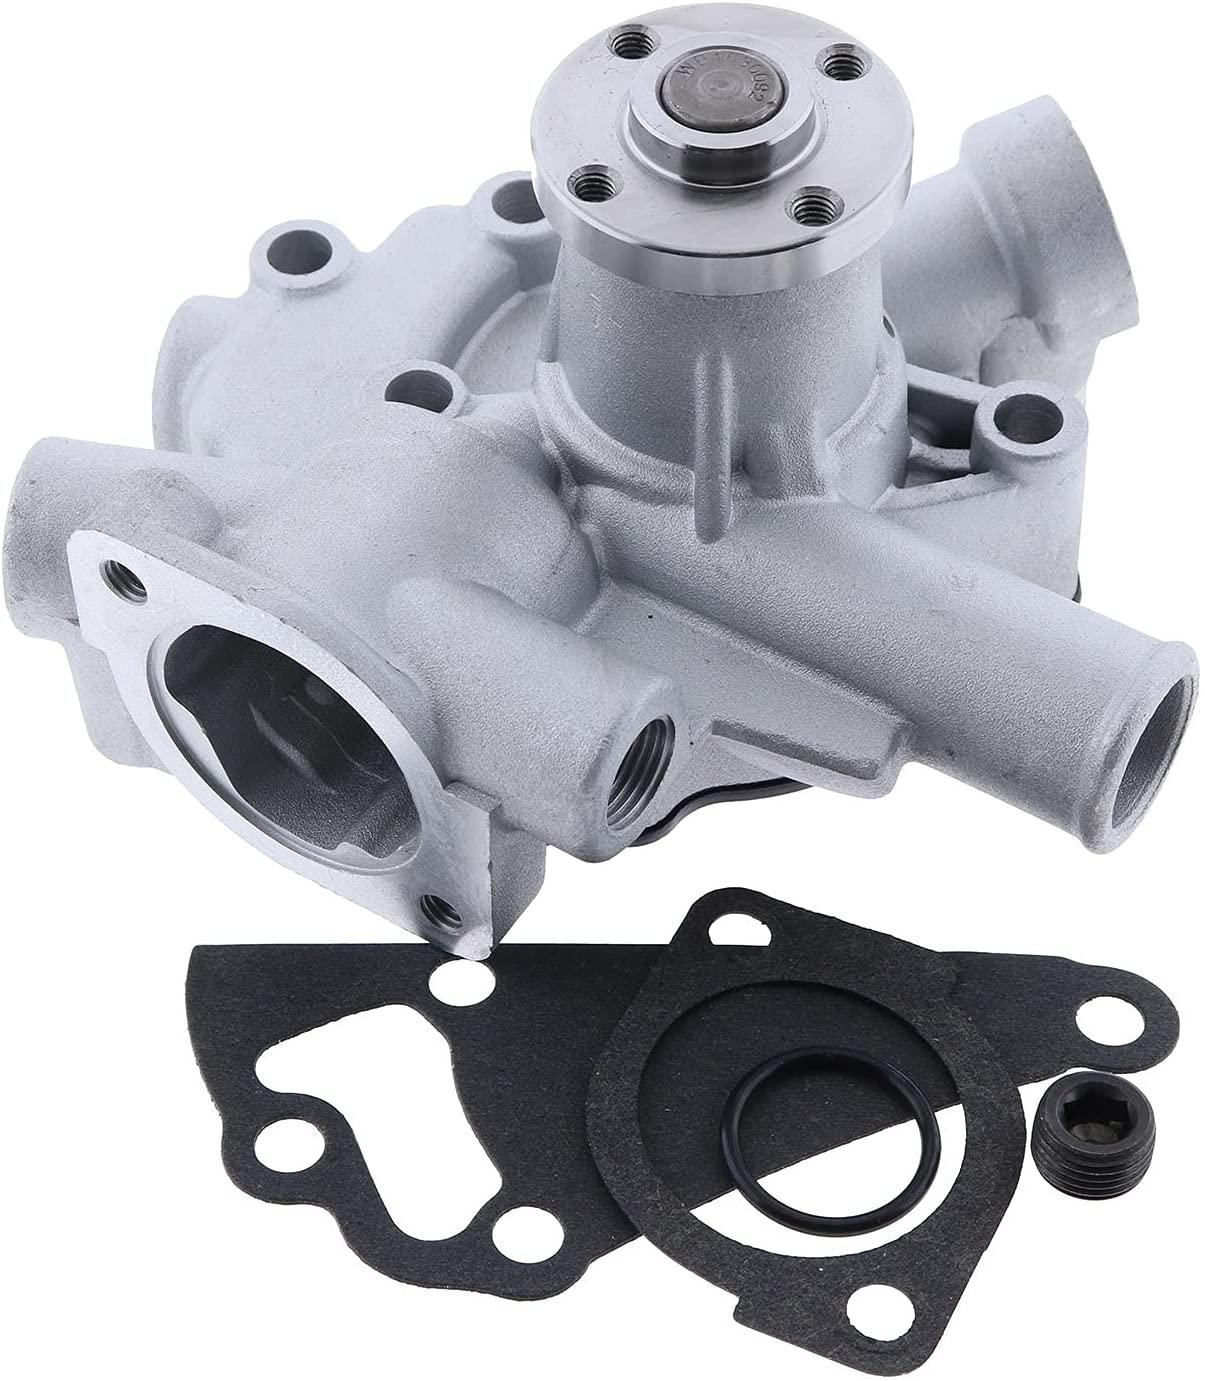 مضخة مياه 119660-42009 لقطع غيار المحرك, 3TNA72 3TNA72L 3TNV72 3TNE74 ، شحن مجاني